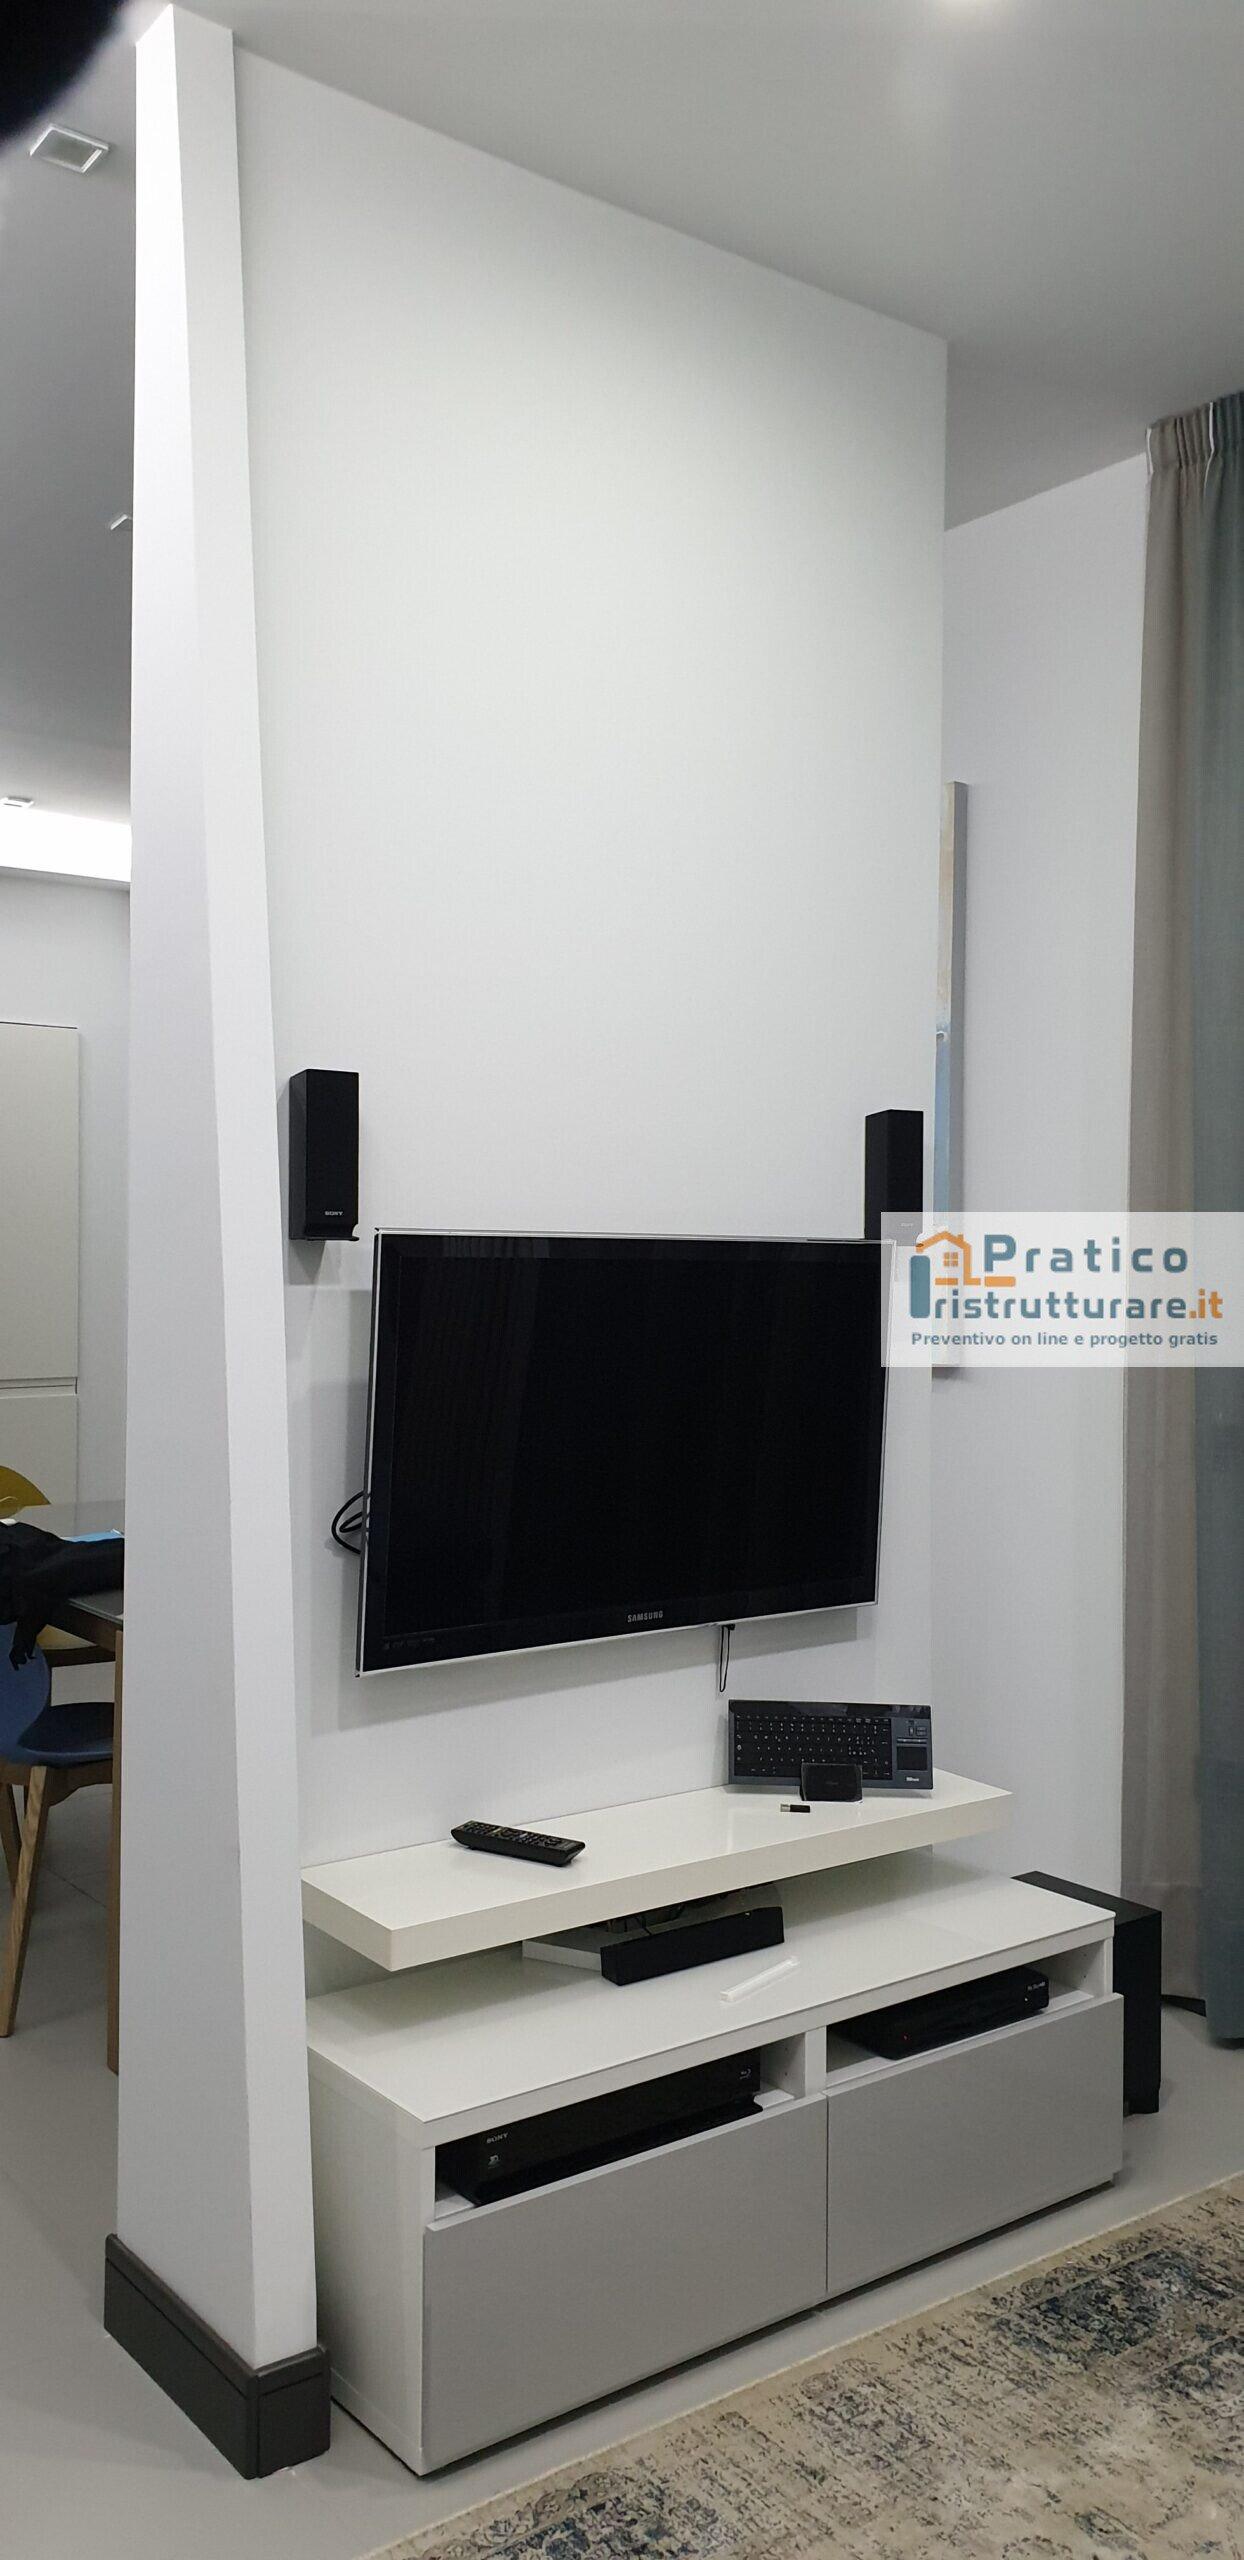 praticoristrutturare_FUSIONE CLASSICO MODERNO8